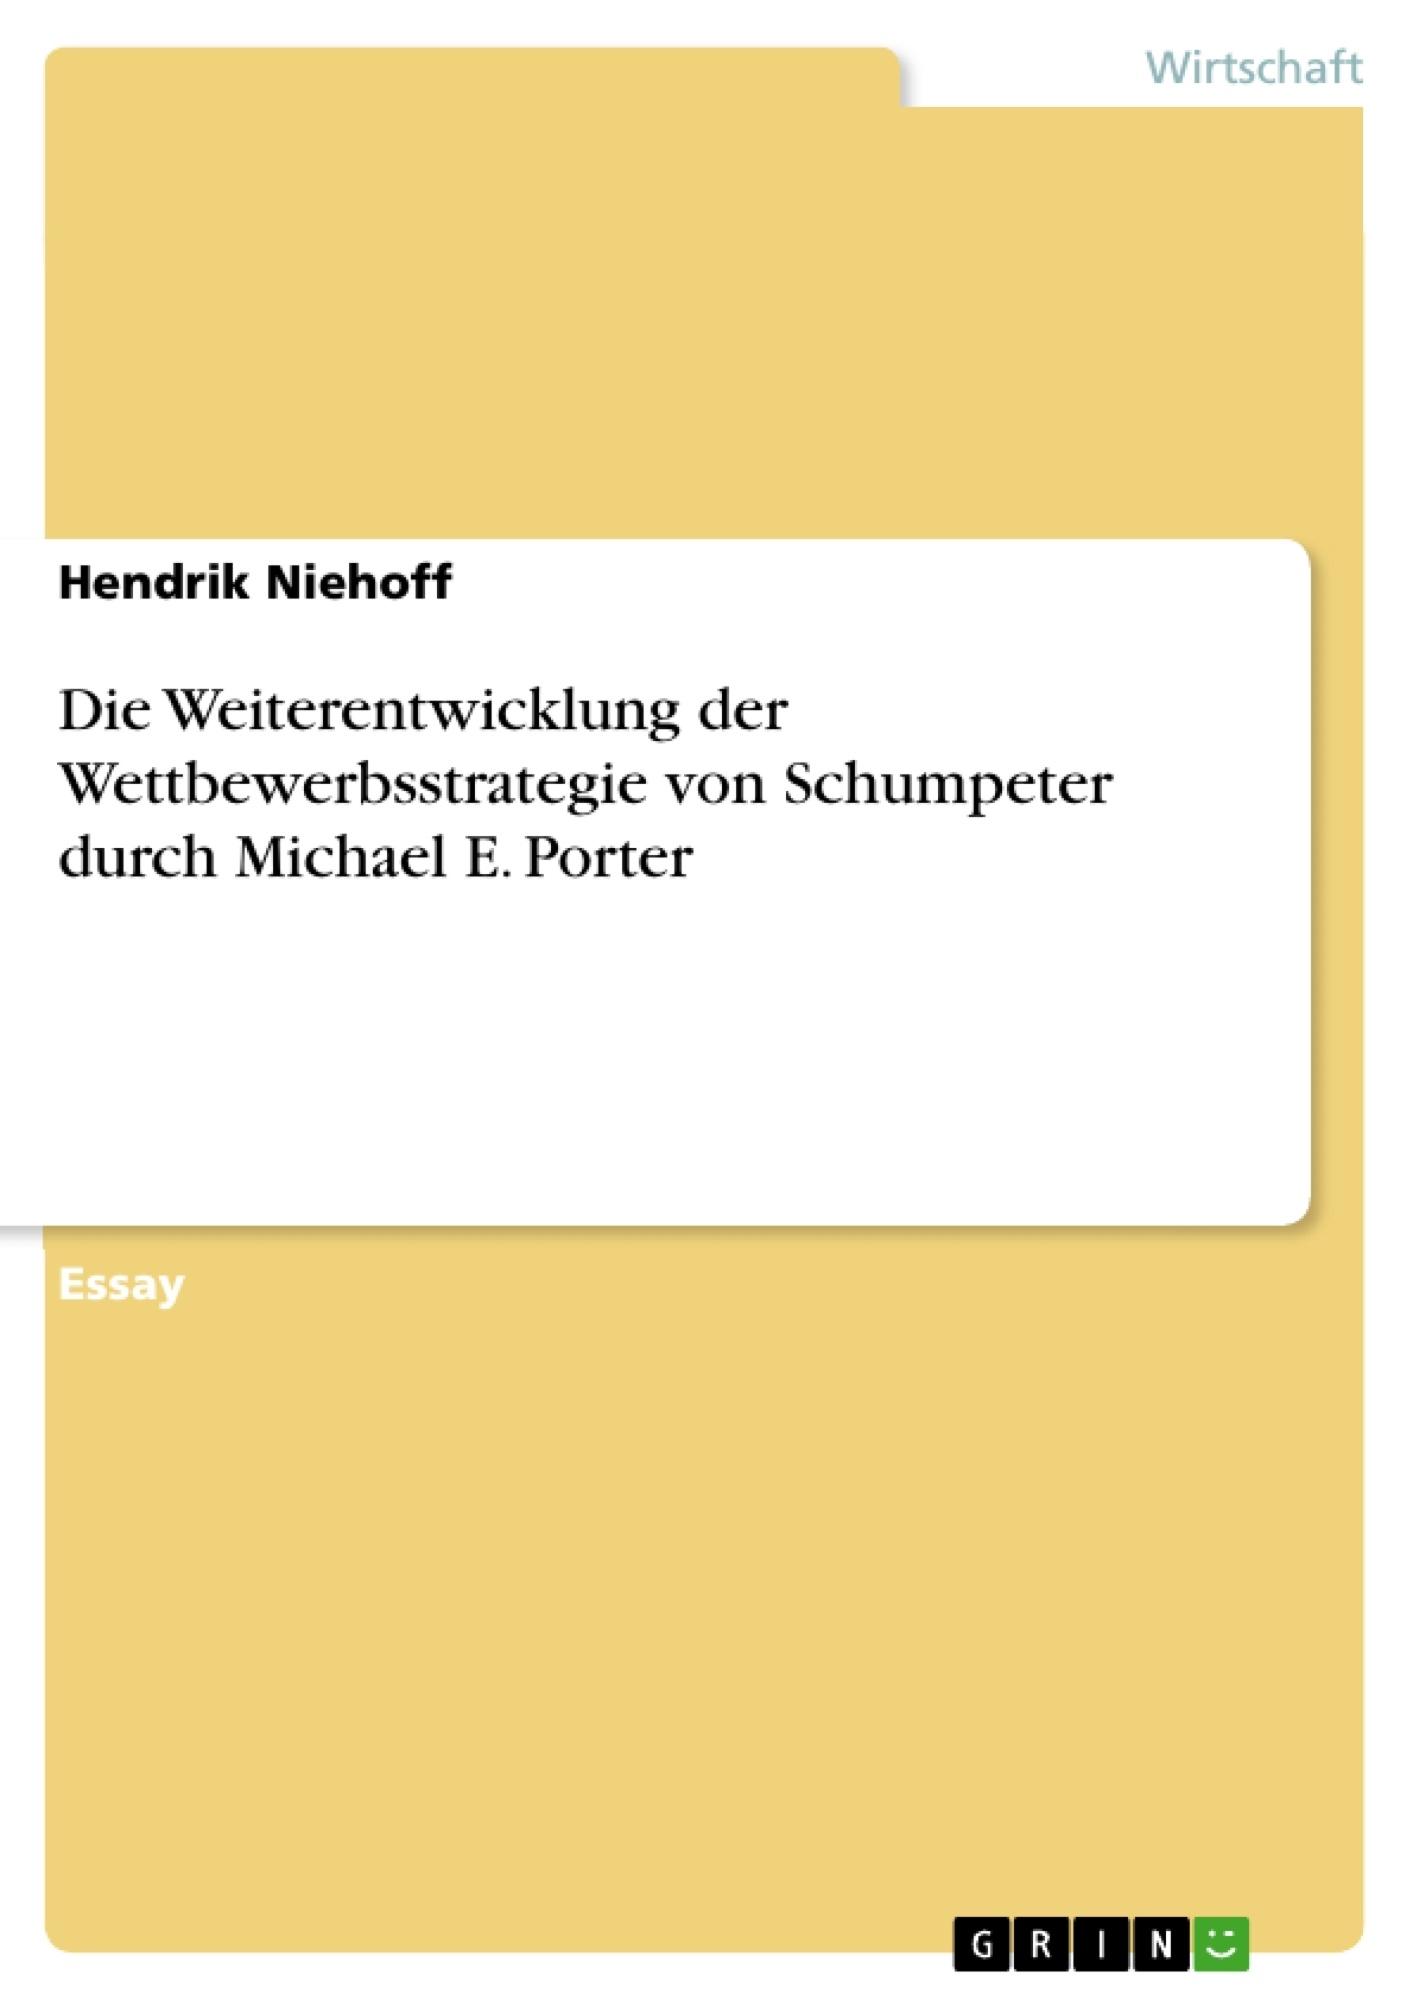 Titel: Die Weiterentwicklung der Wettbewerbsstrategie von Schumpeter durch Michael E. Porter